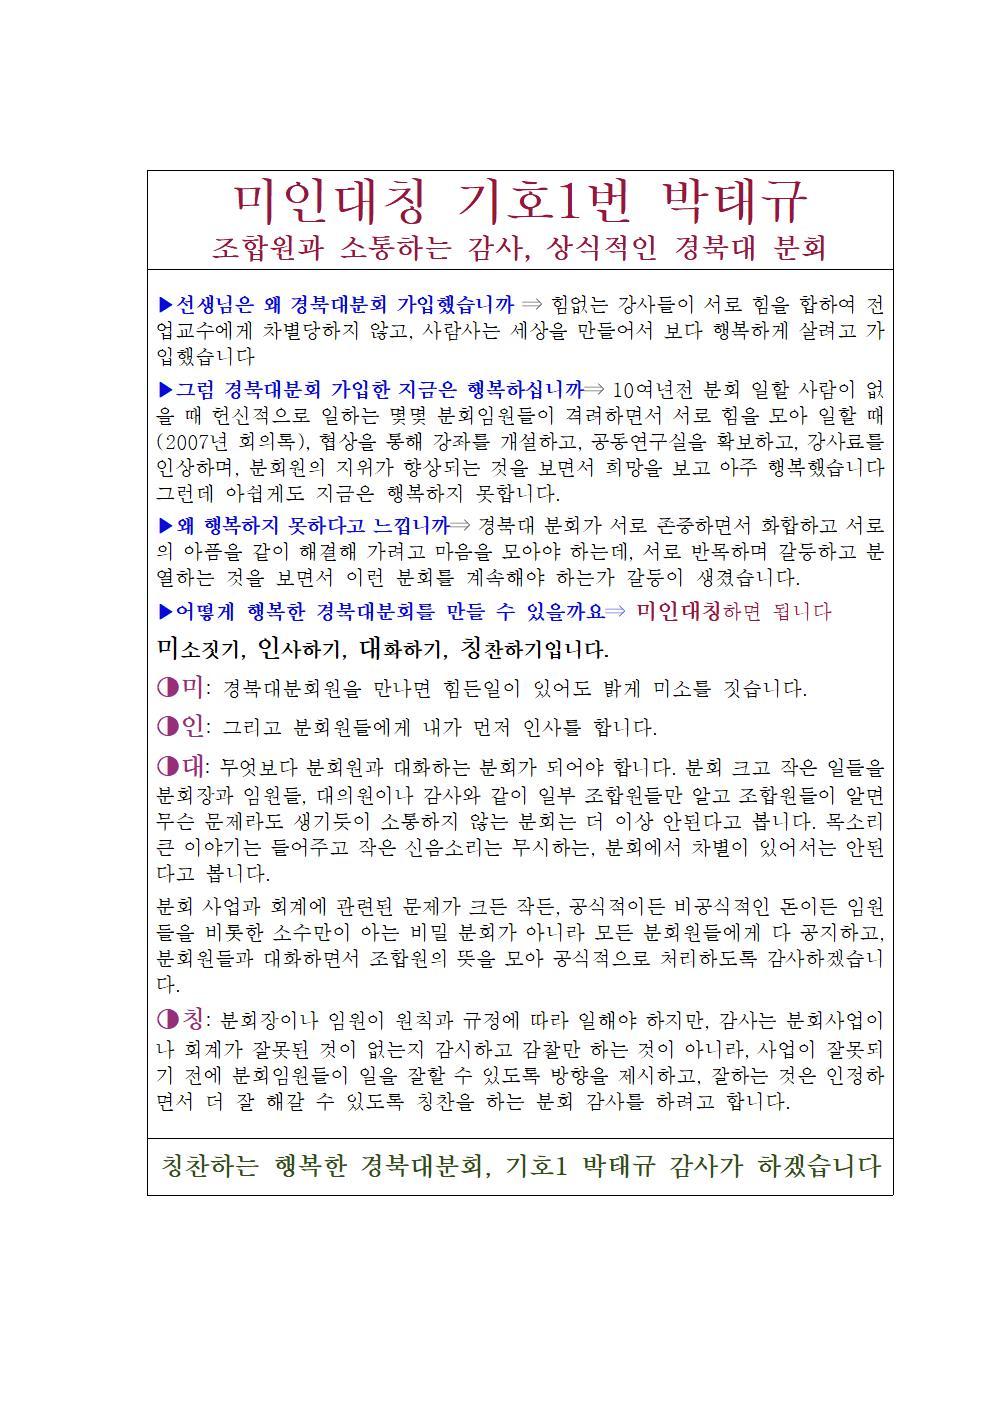 박태규 홍보물001.jpg